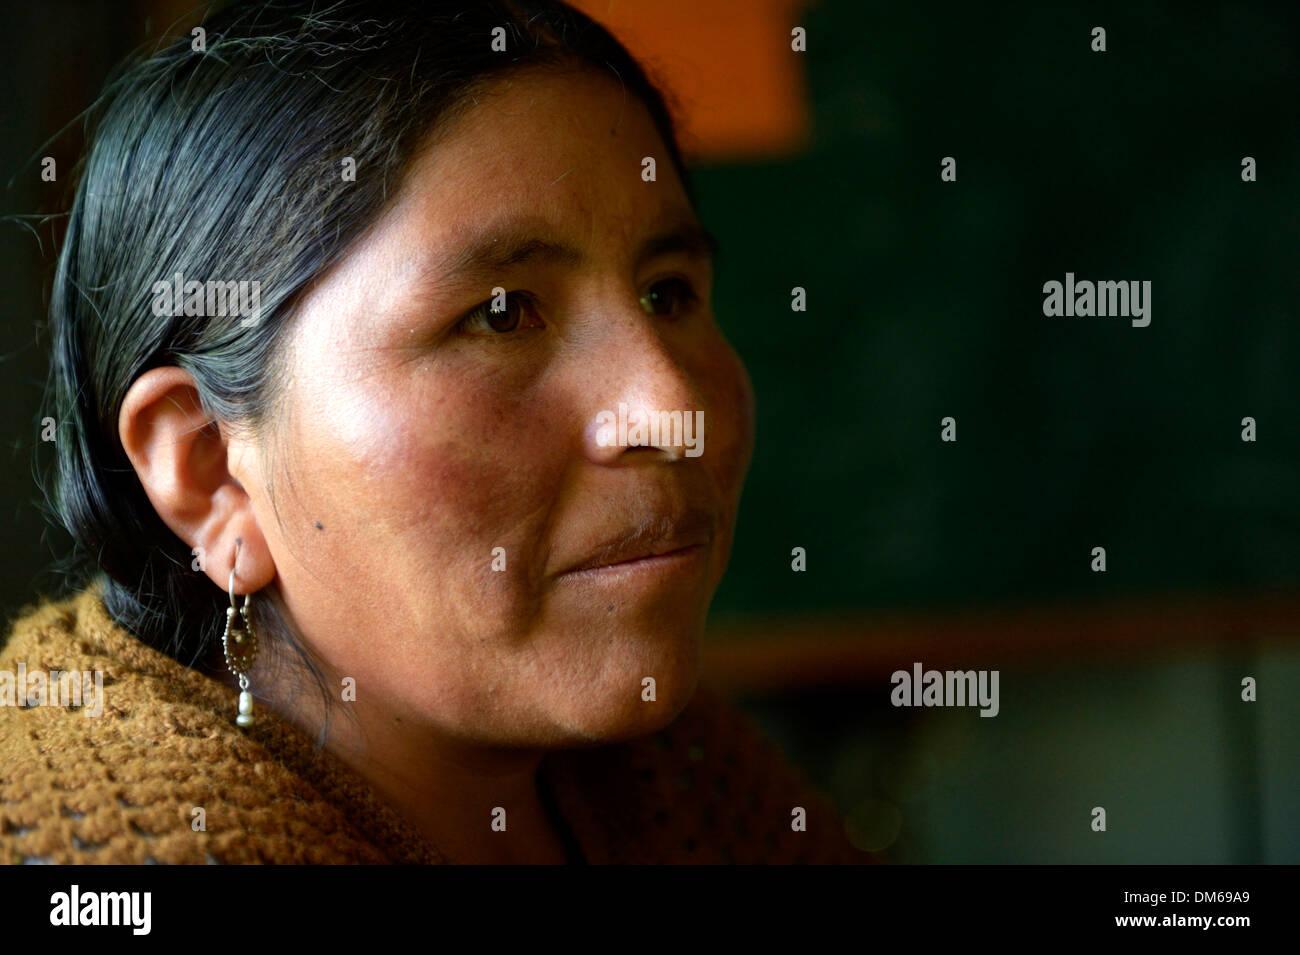 Woman of the Quechua Indians, portrait, El Alto, Departamento La Paz, Bolivia - Stock Image